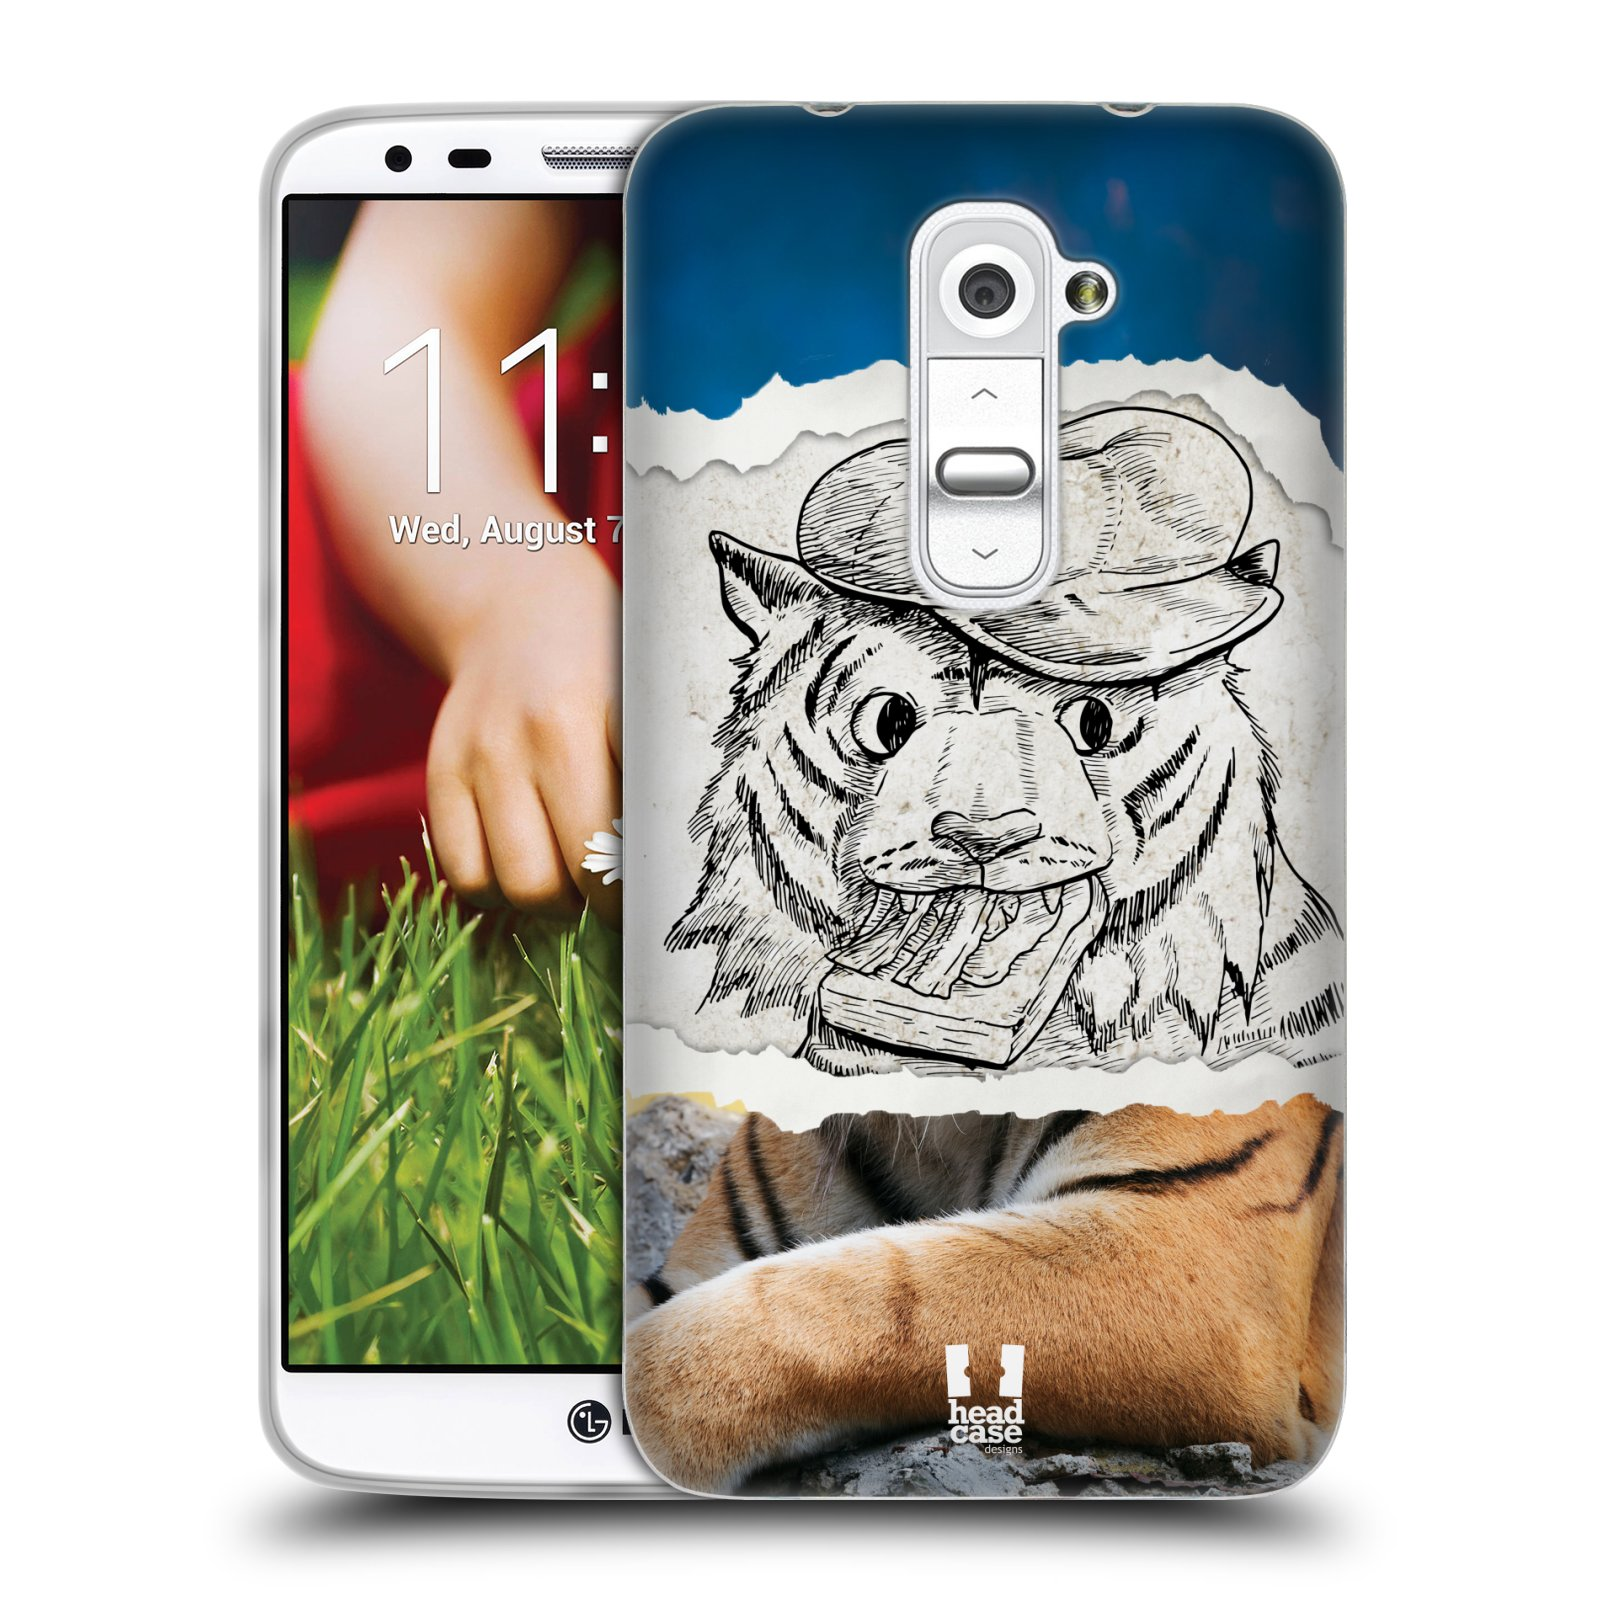 HEAD CASE silikonový obal na mobil LG G2 vzor zvířata koláž tygr fešák